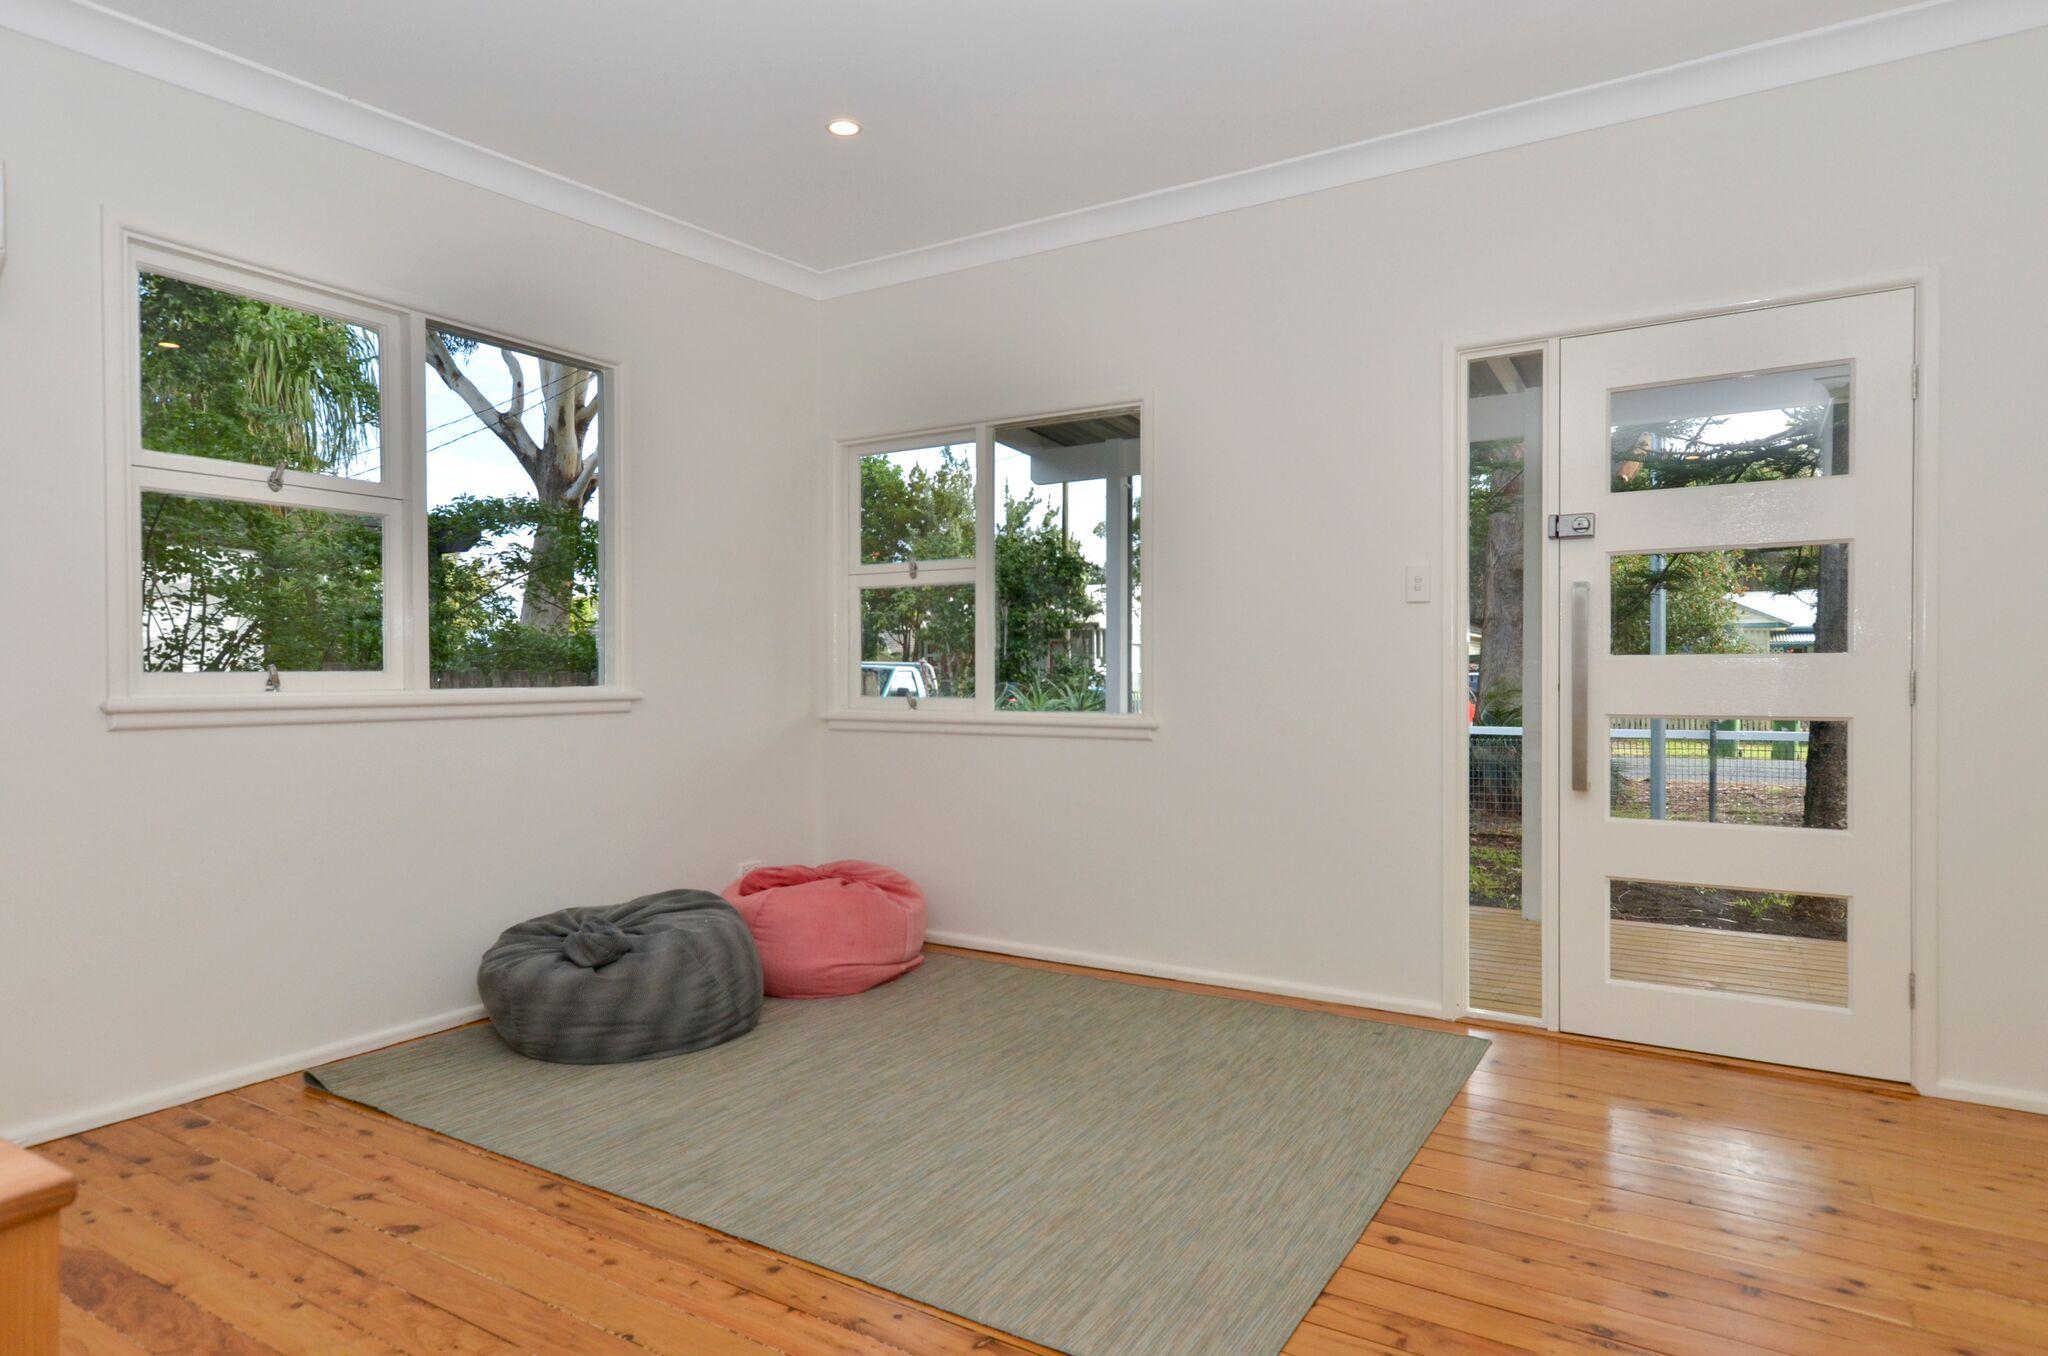 14 Banksia Street Ettalong Beach 2257